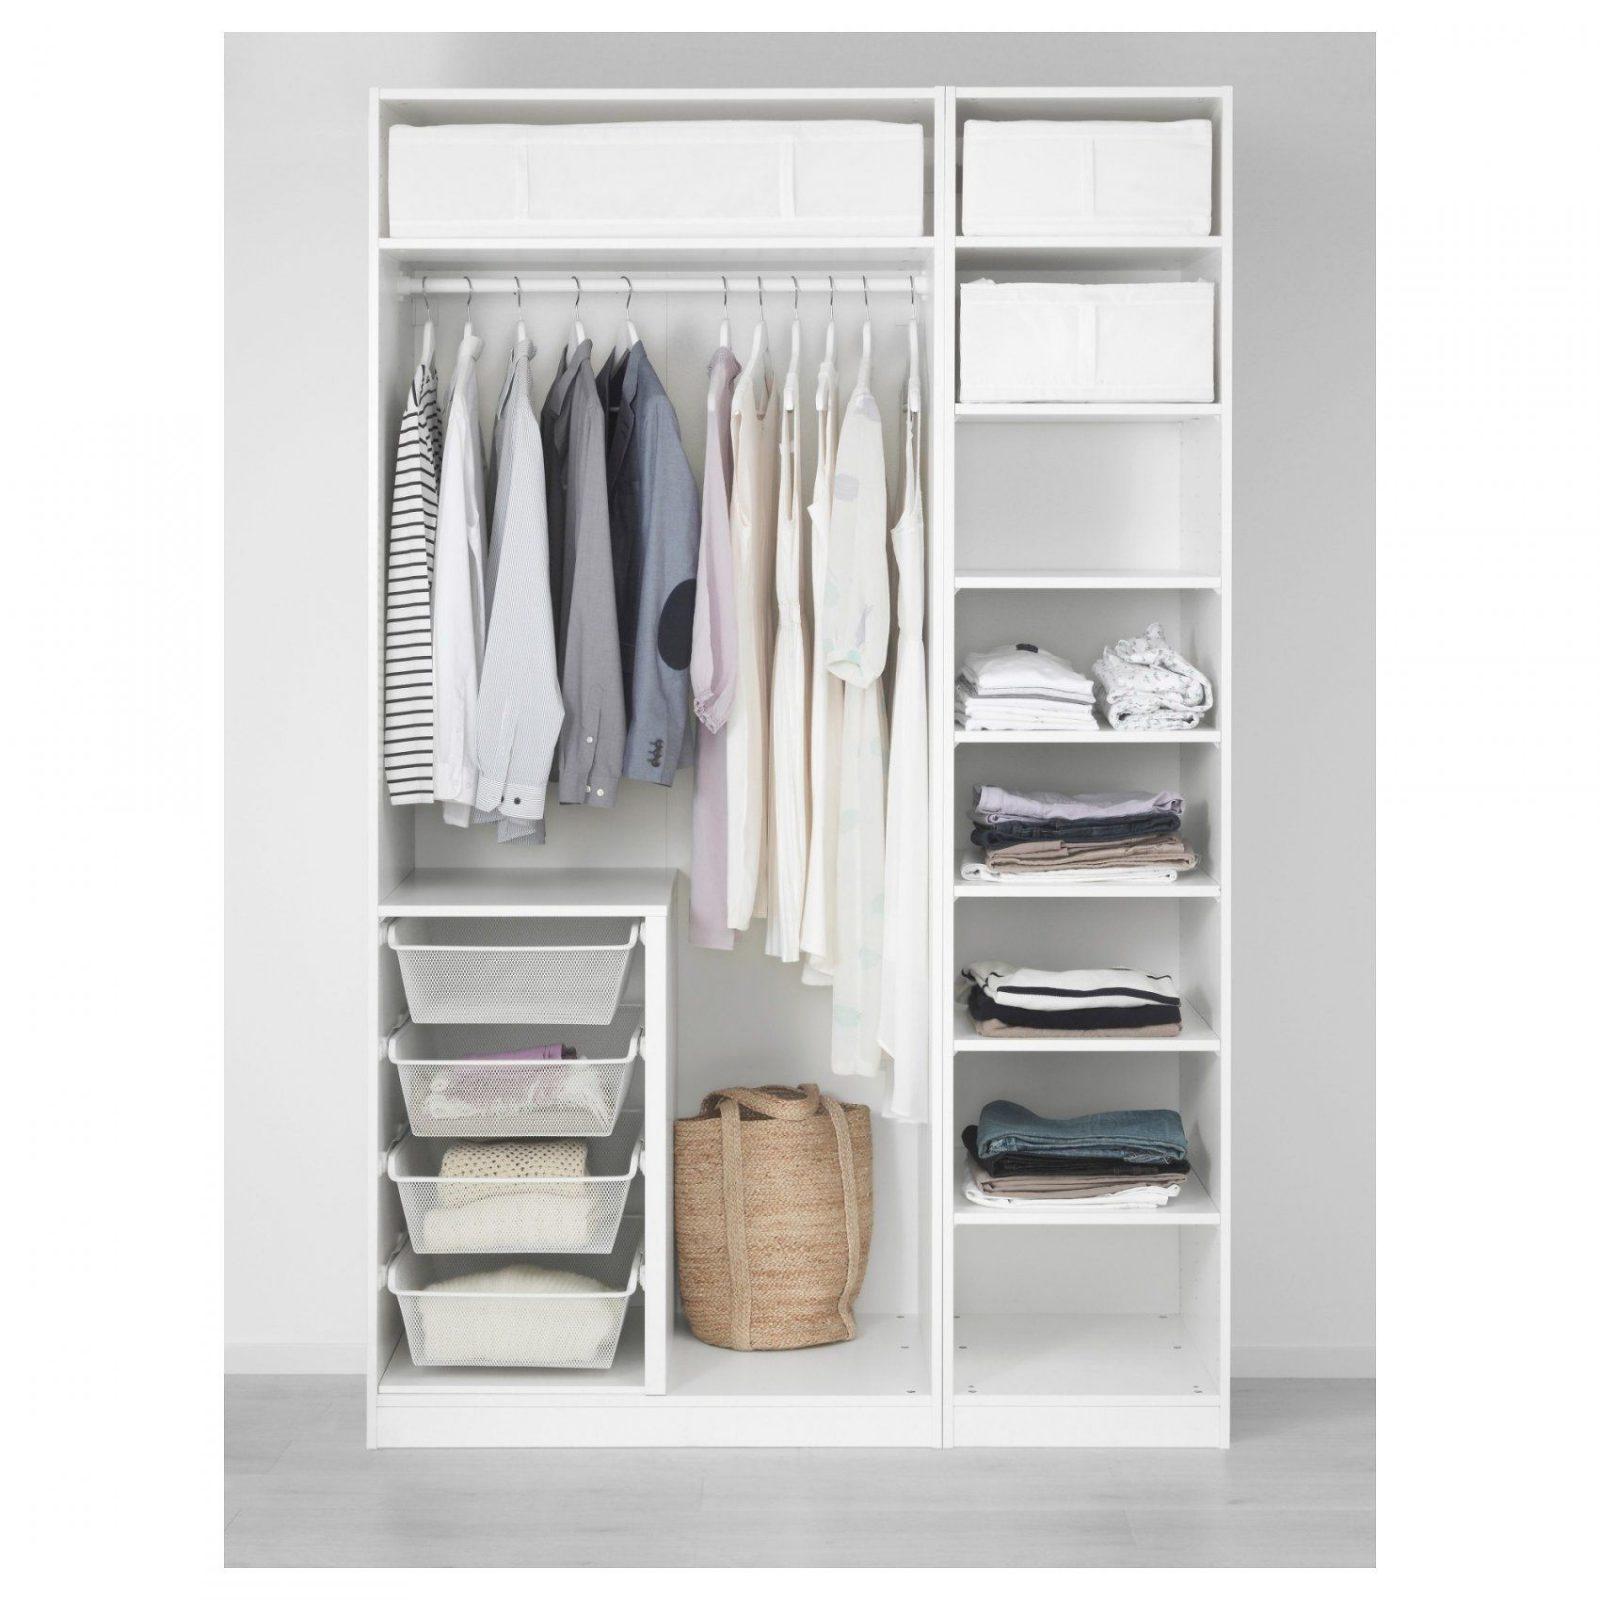 Kleiderschrank Ohne Türen Ideen Yourjoyce von Pax System Ohne Türen Bild